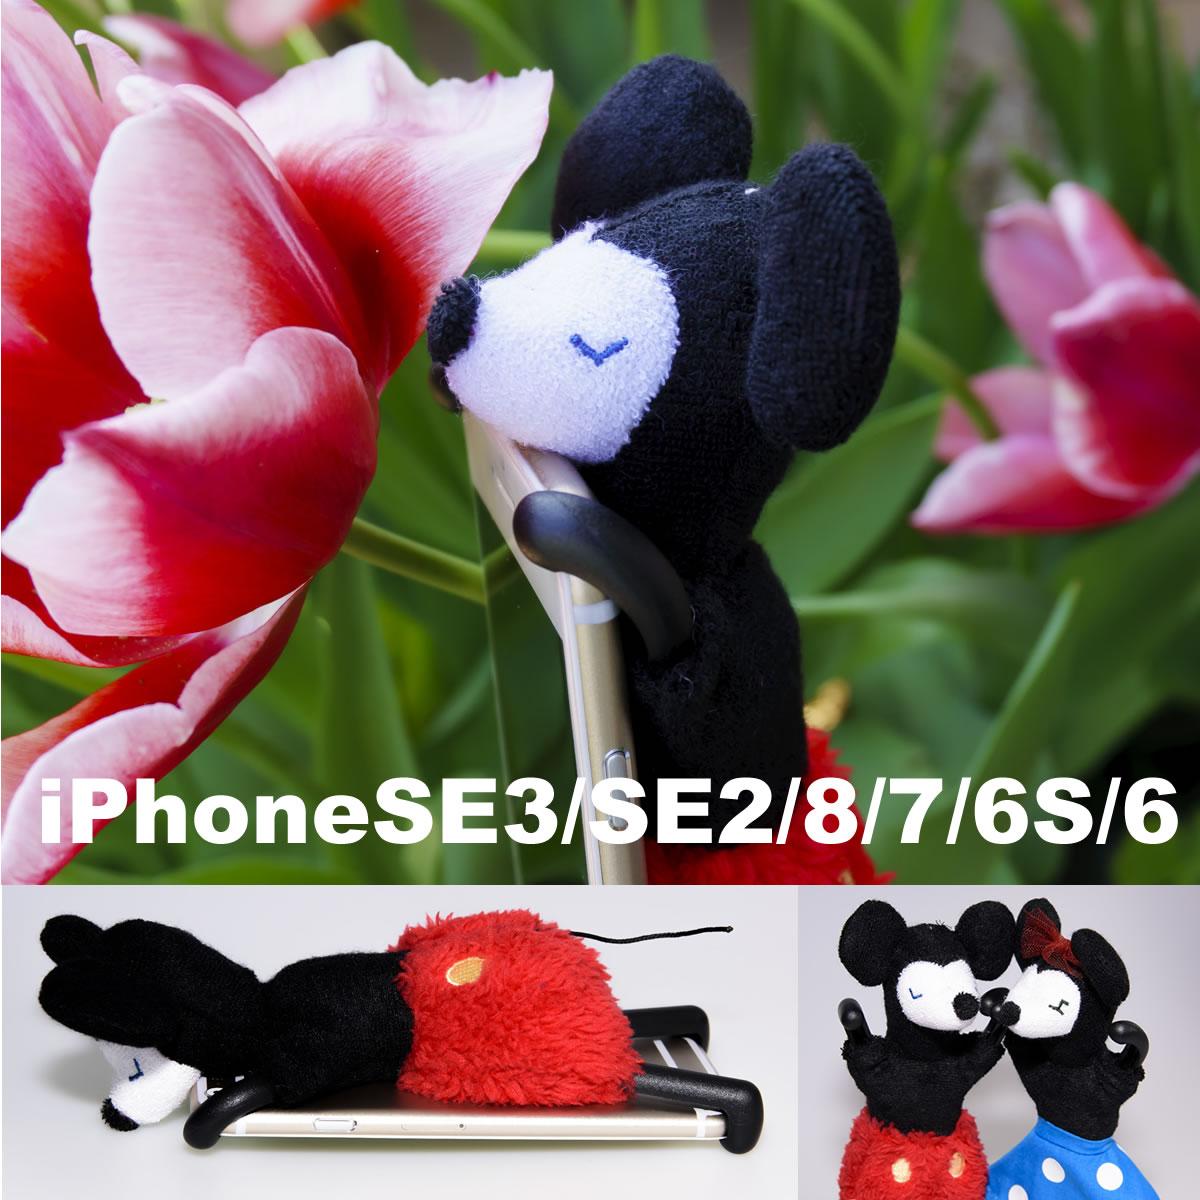 スマートフォン・携帯電話用アクセサリー, ケース・カバー  GRASPI iPhone8 iPhone7 iPhone6 iPhone6S 6